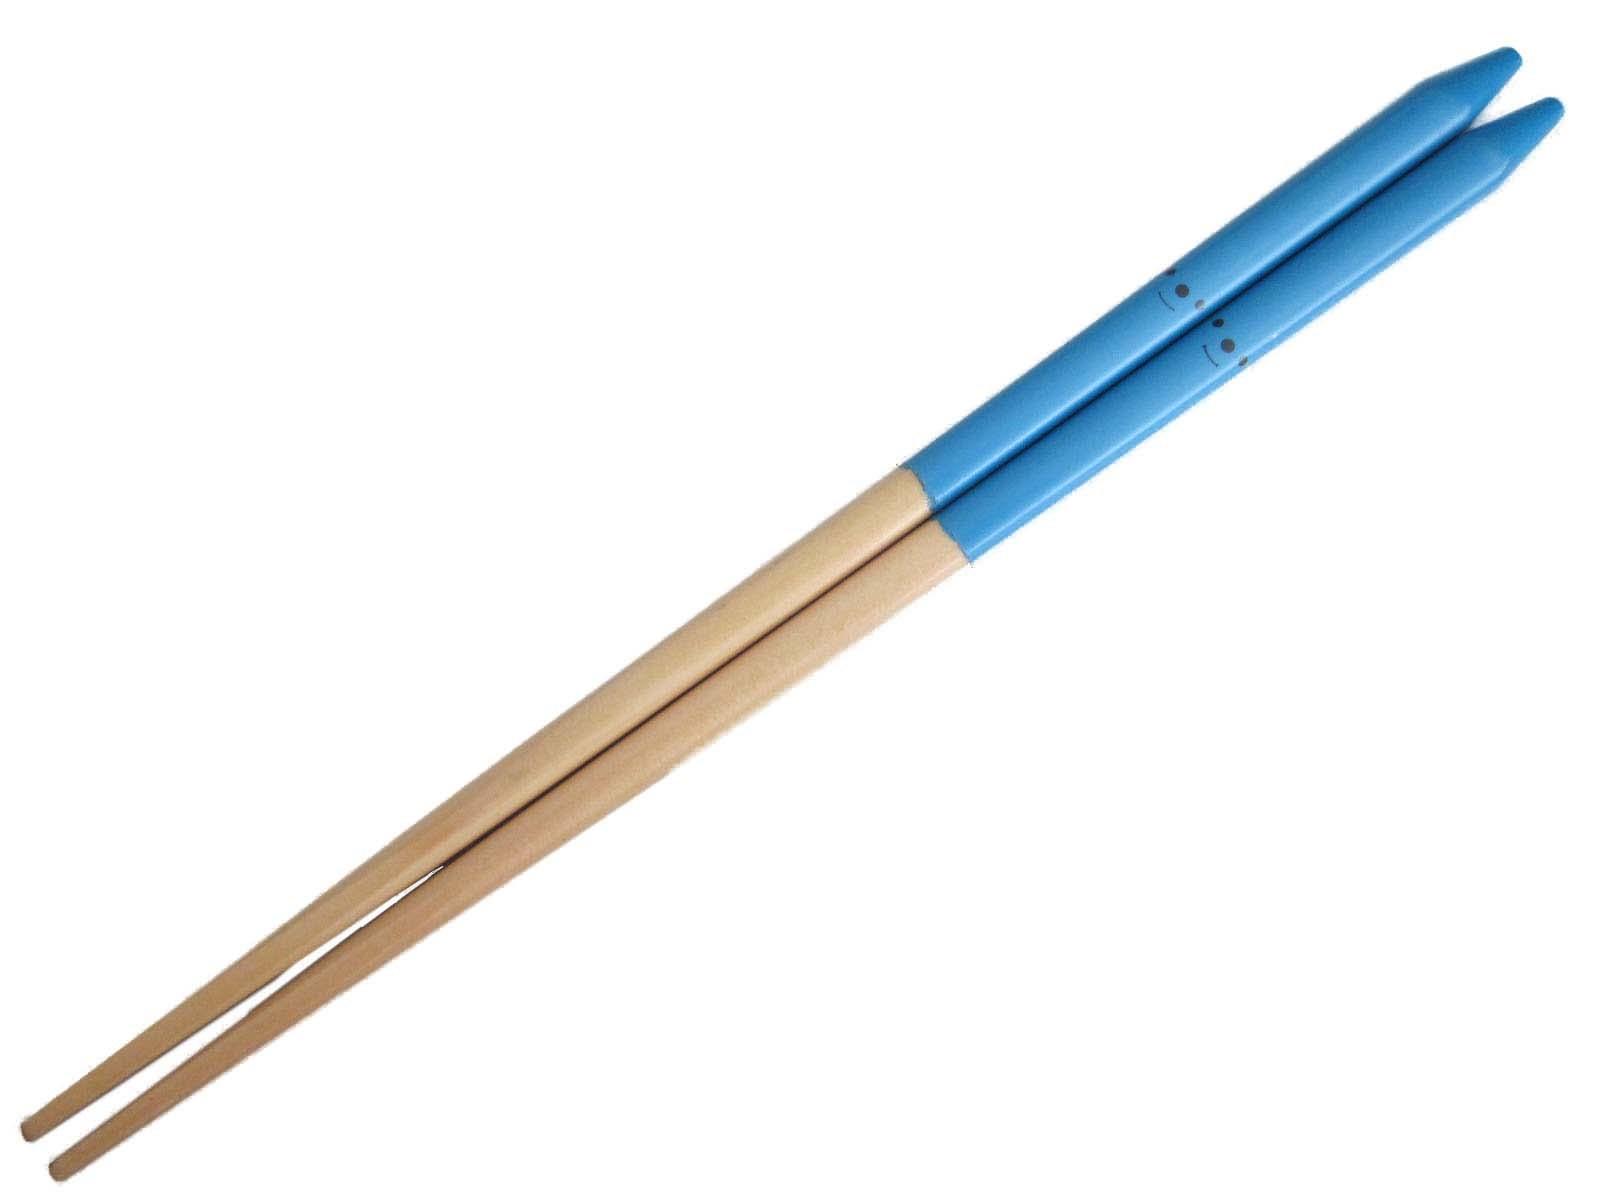 China Chopsticks China Chopsticks Wooden Chopsticks